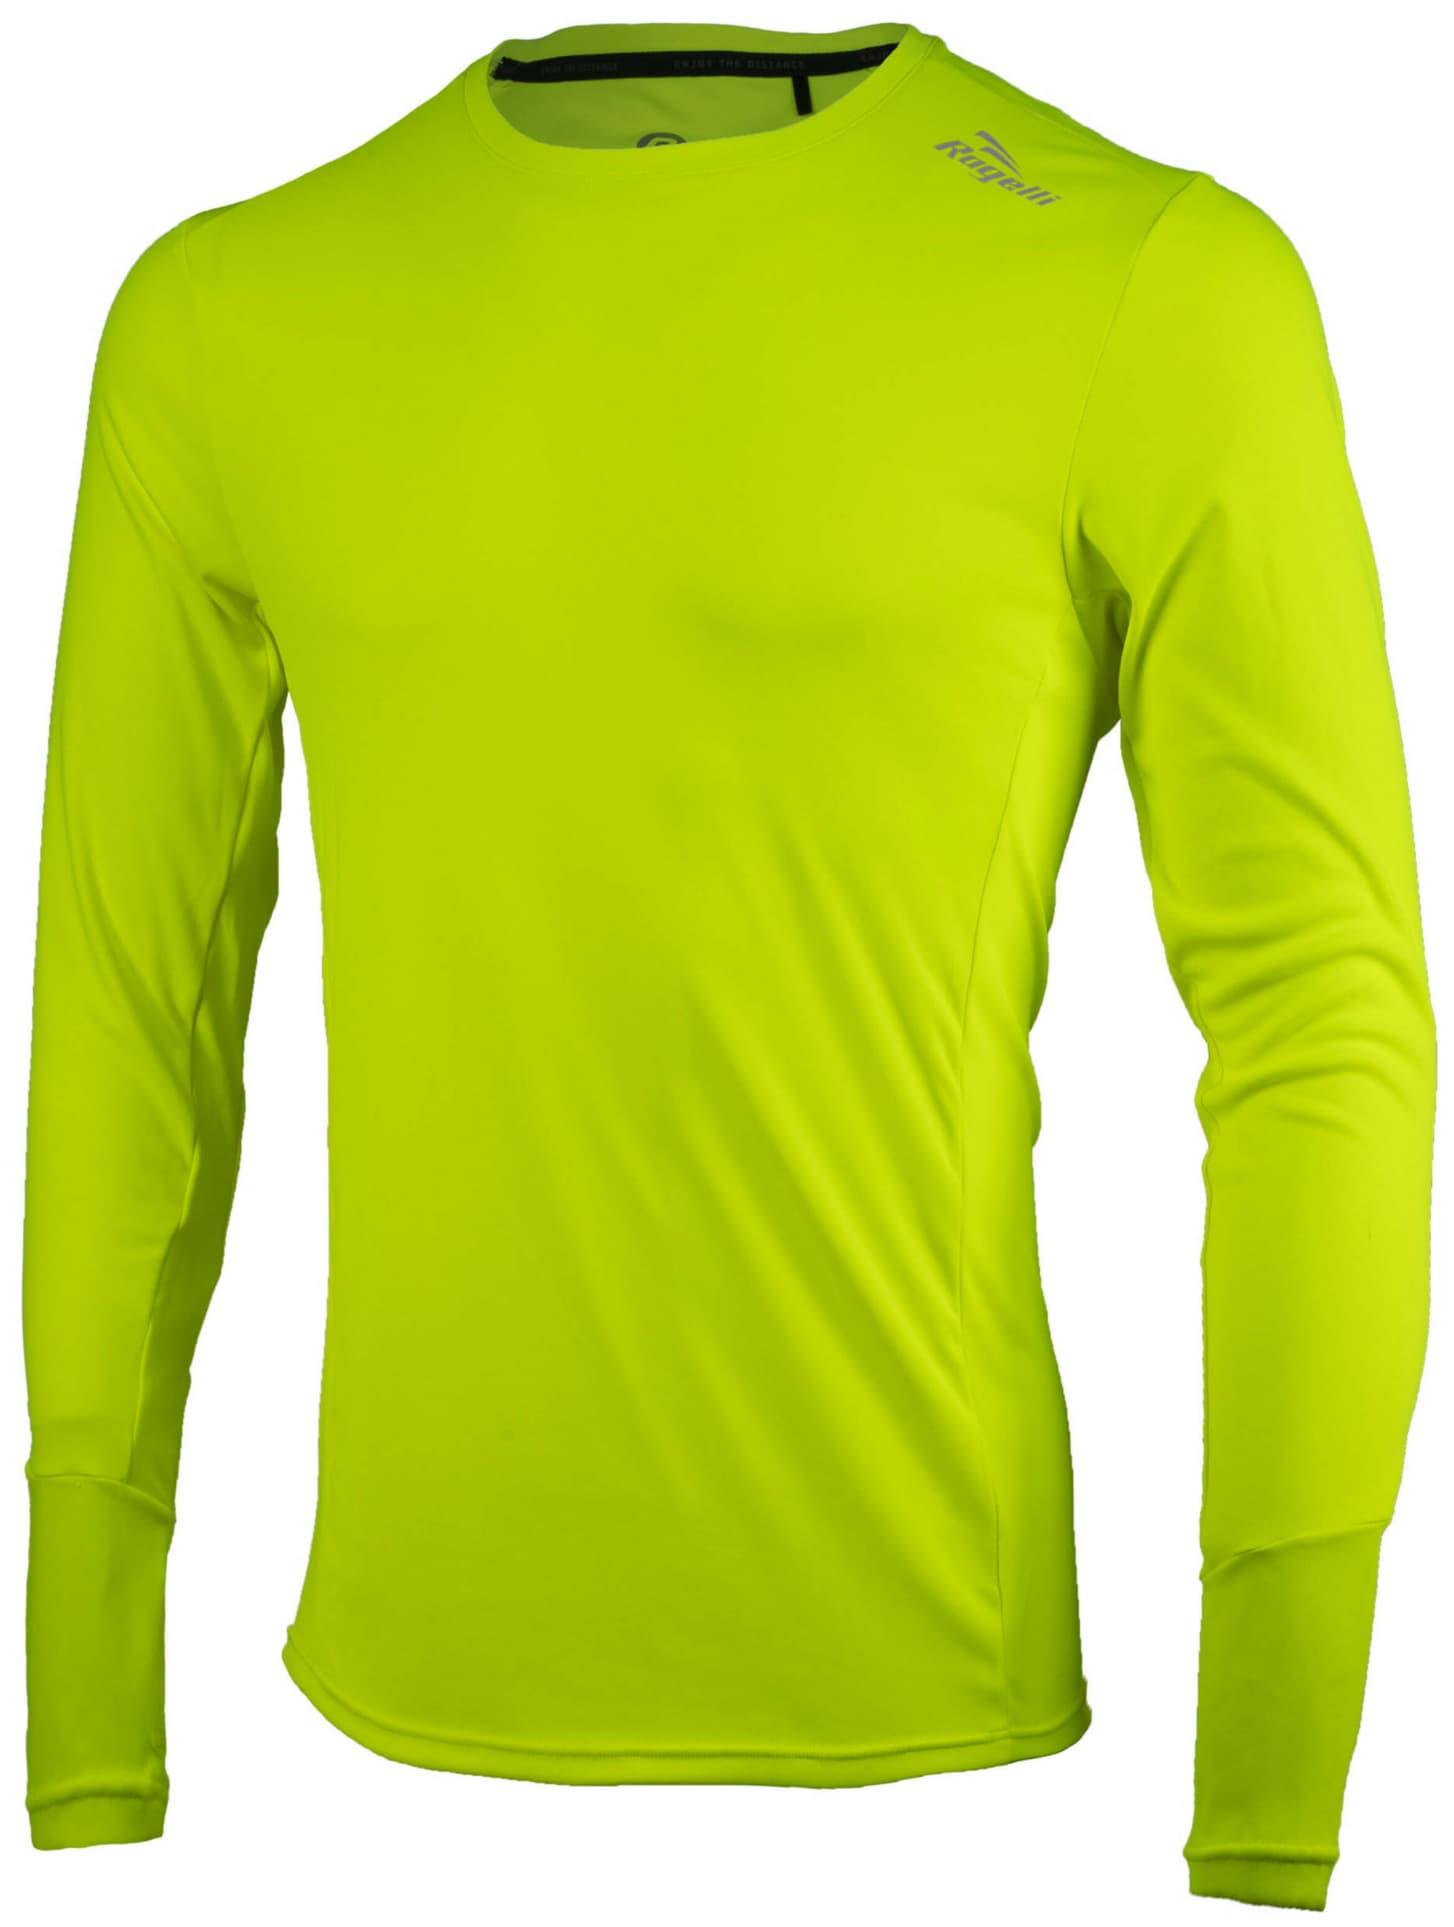 e2b435c5e Športové funkčné tričko Rogelli BASIC s dlhým rukávom, reflexné žlté ...